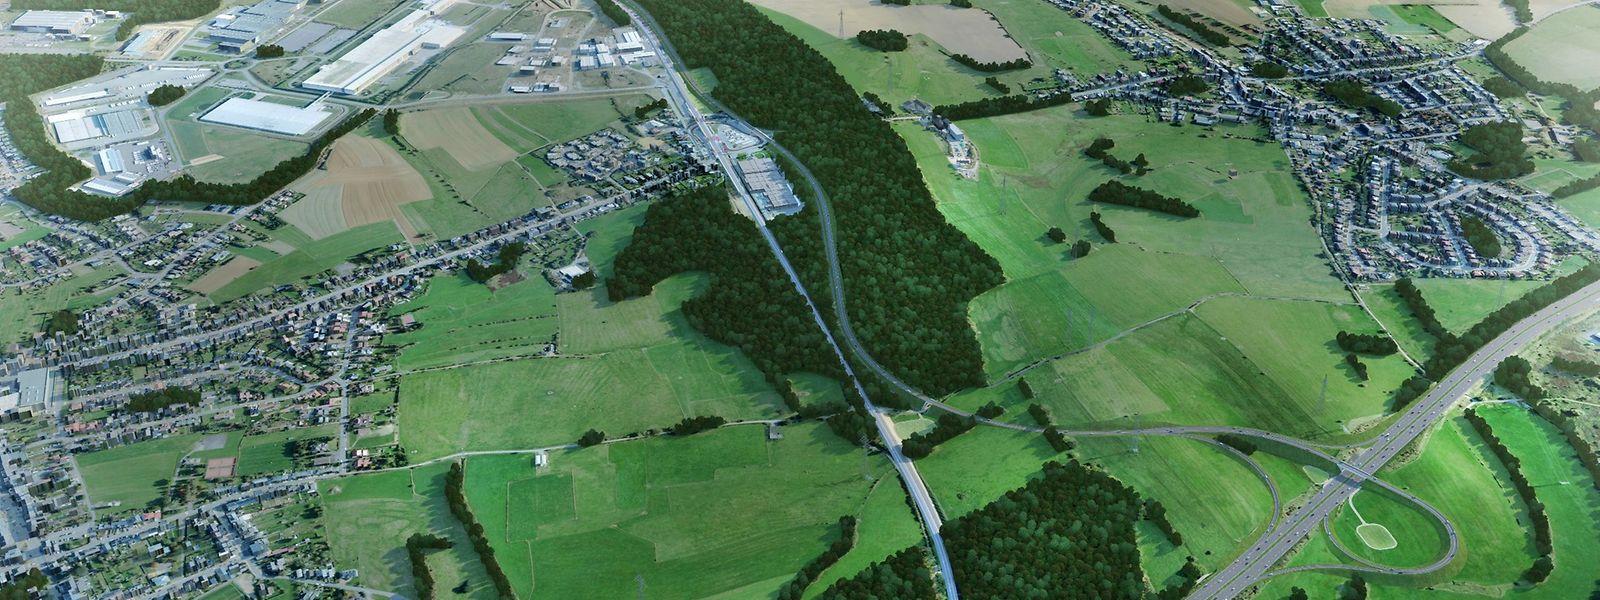 Die neue Umgehungsstraße wird an die A13 angebunden werden (unten rechts auf dem Bild). Sie wird zum Teil aber auch durch den Wald führen.